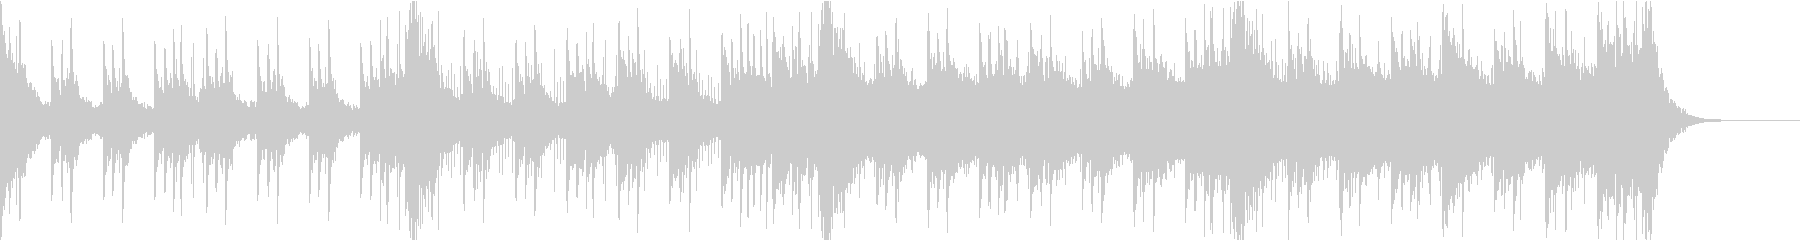 壮大なシネマティックのジングルの未再生の波形